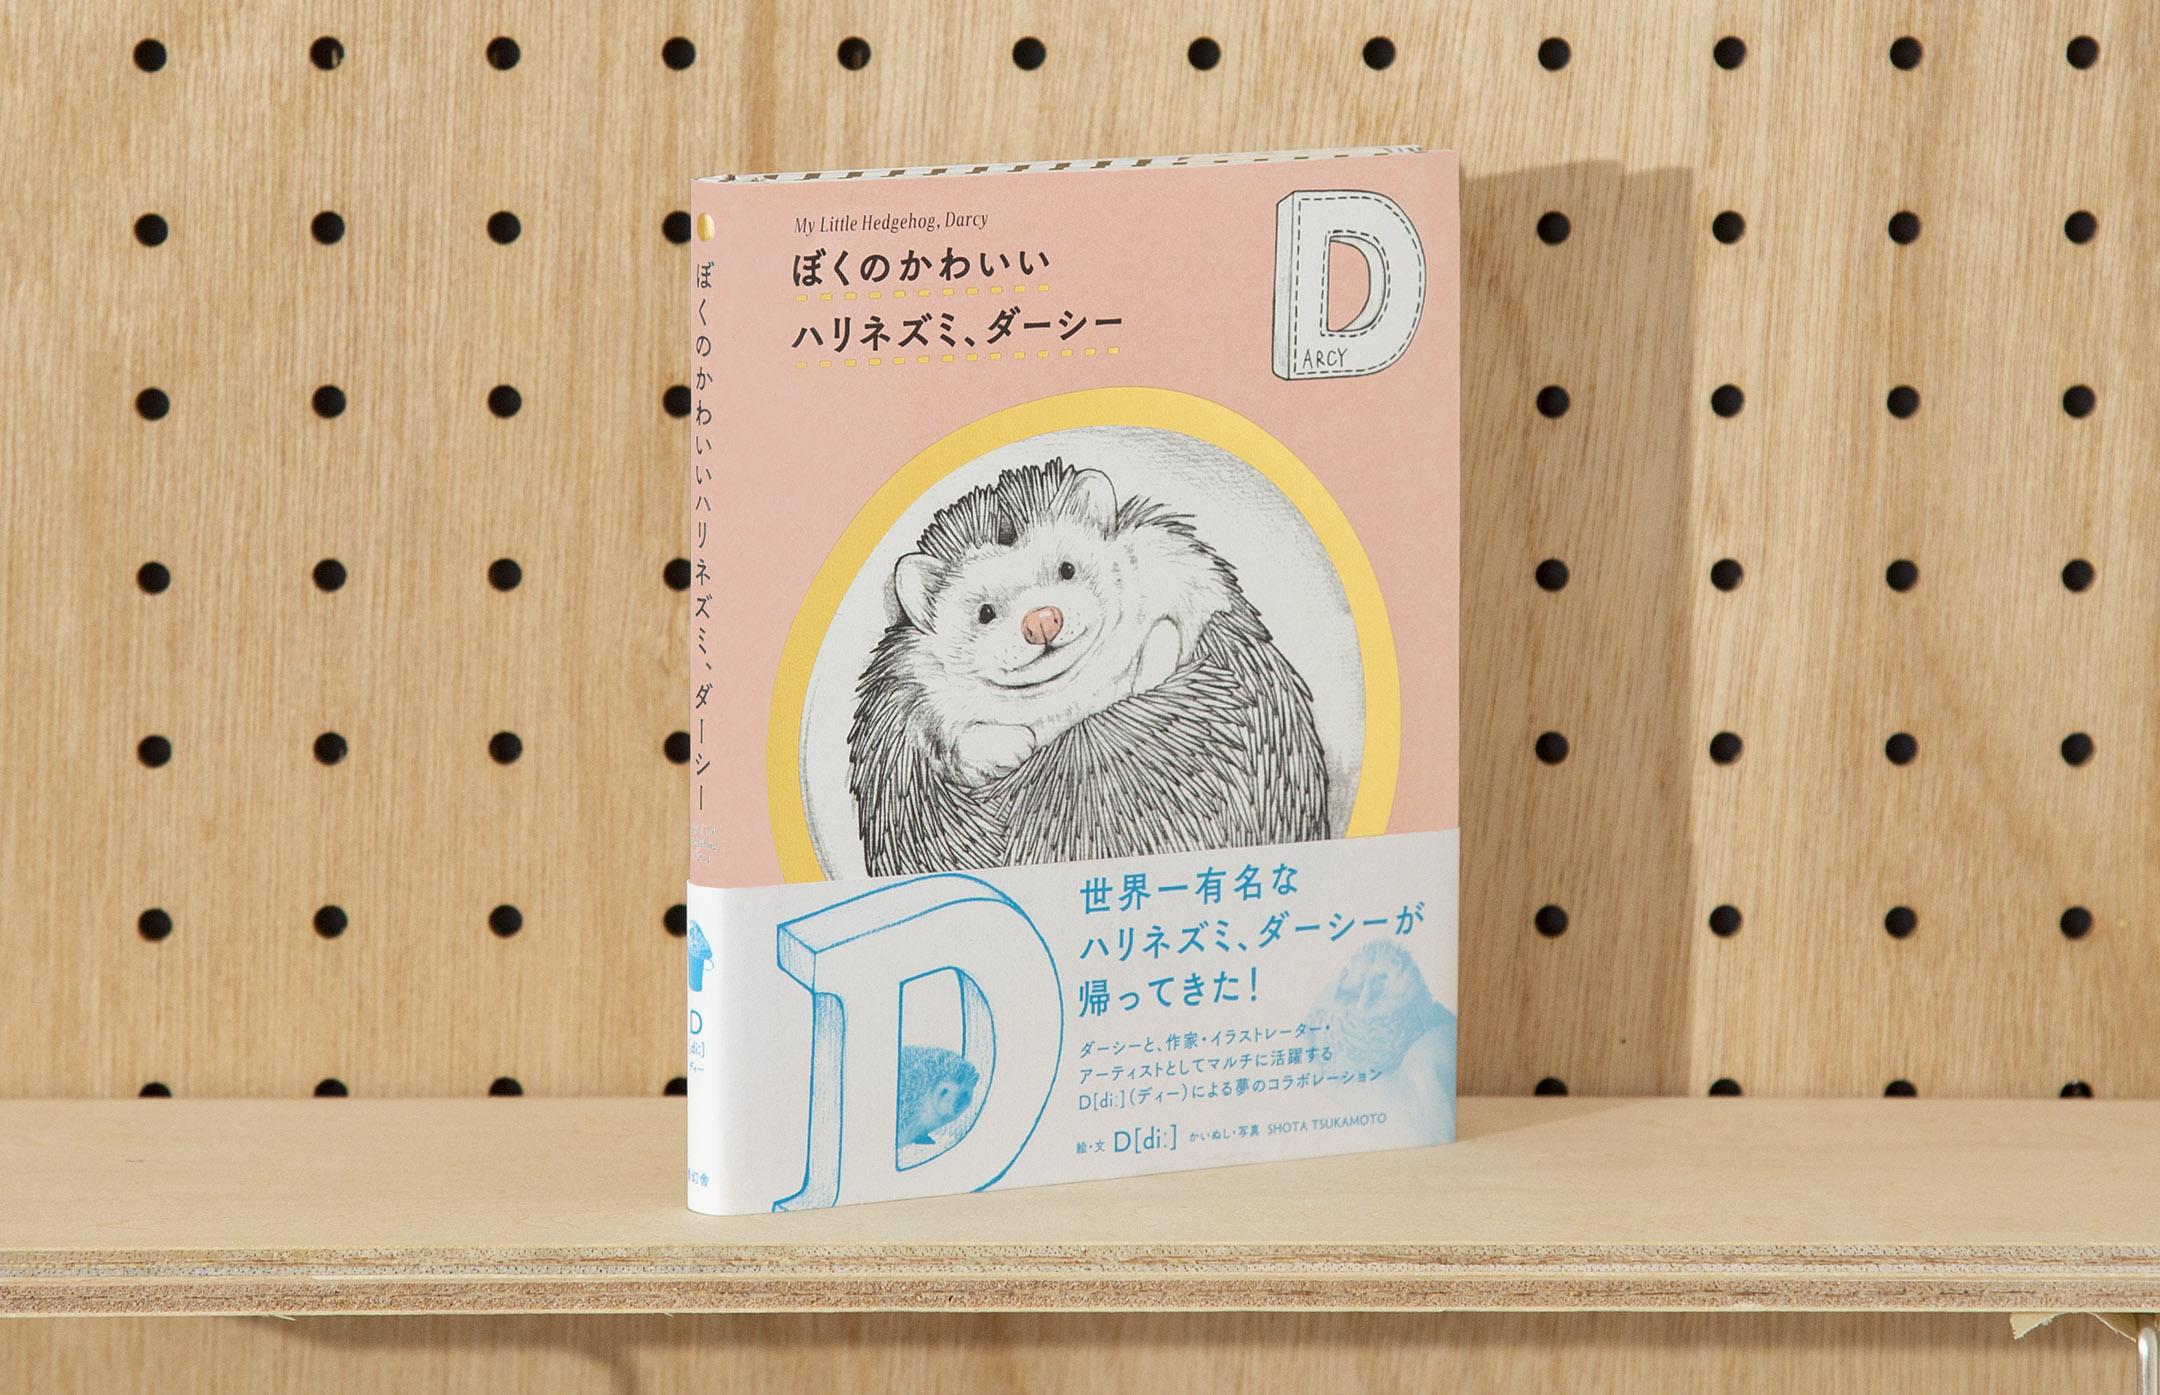 soda design ぼくのかわいいハリネズミ、ダーシー  by  D